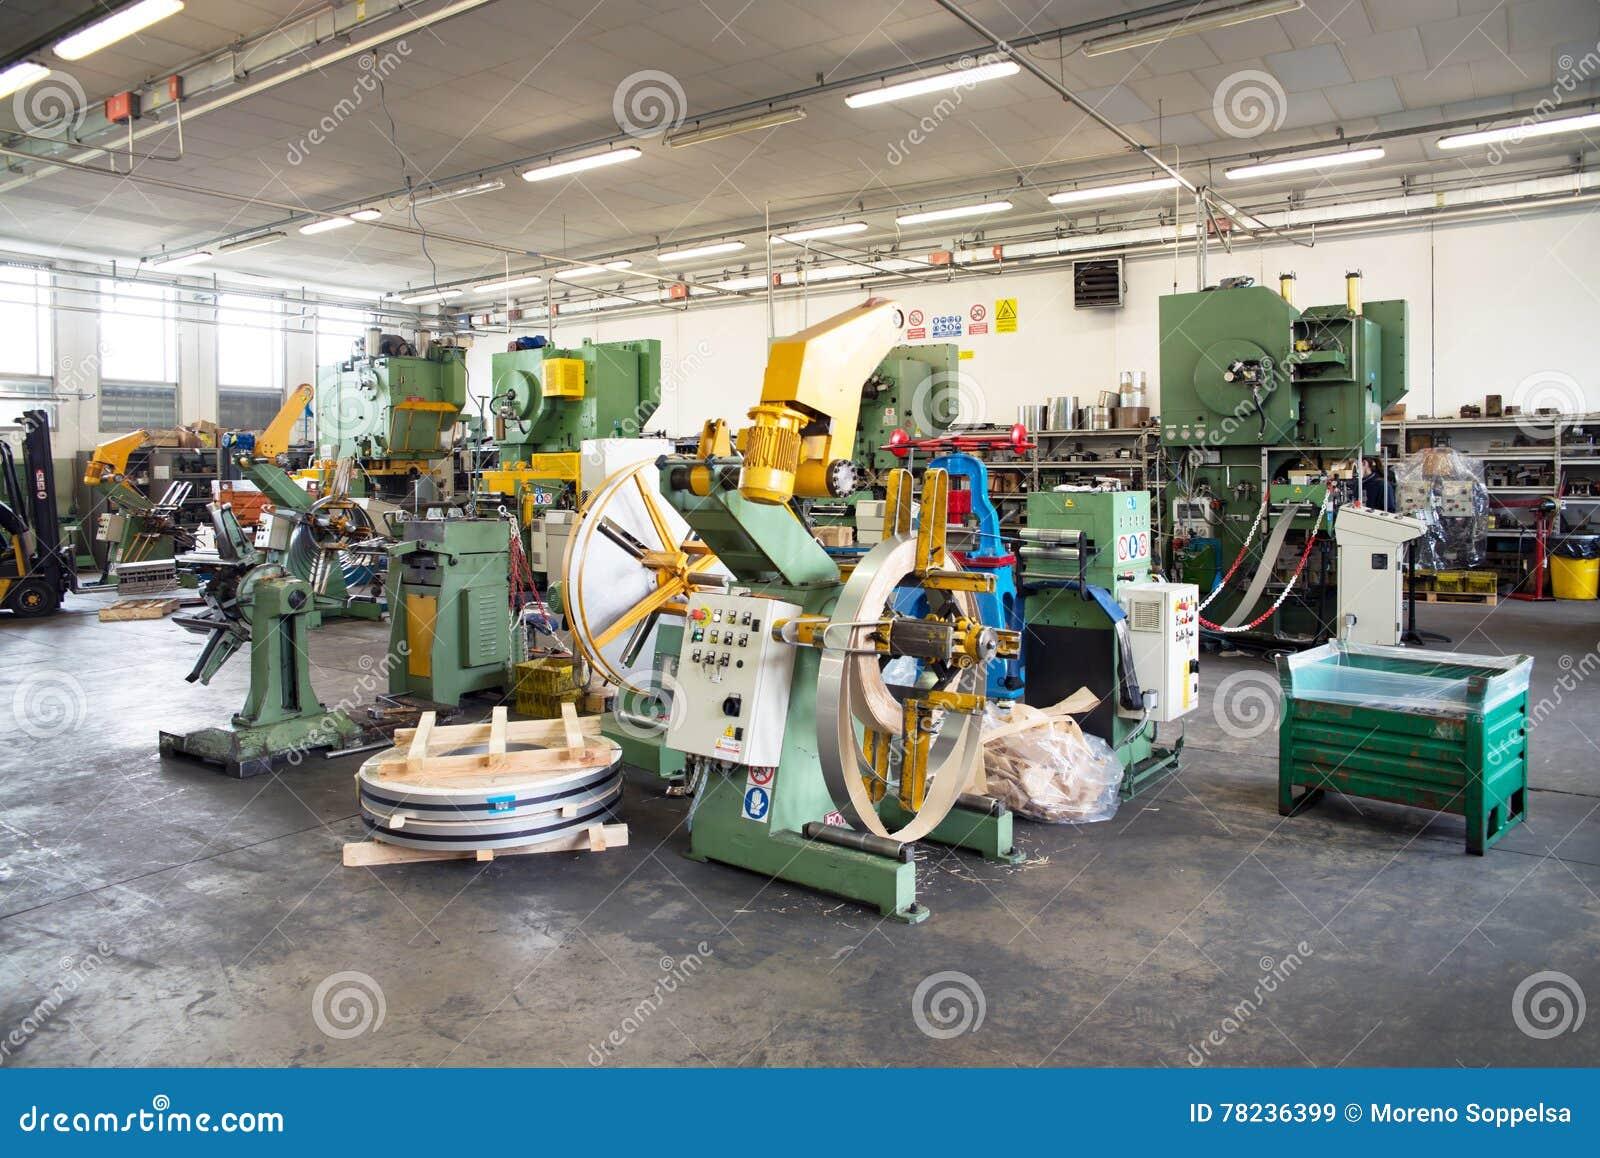 Atelier - presse à former le métal